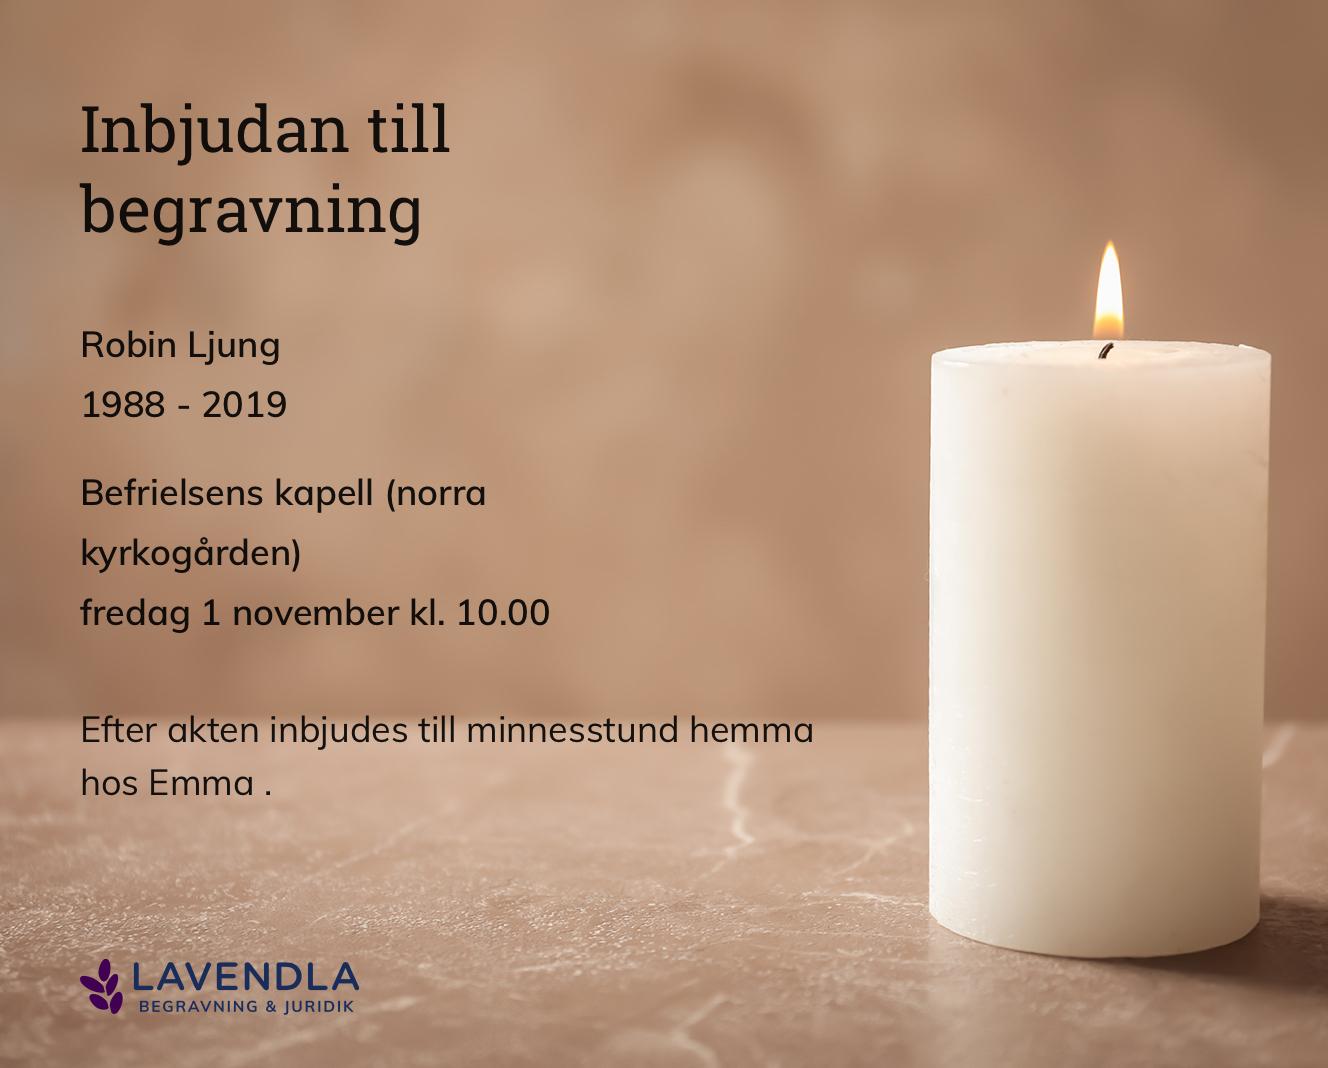 Inbjudningskort till ceremonin för Robin Ljung